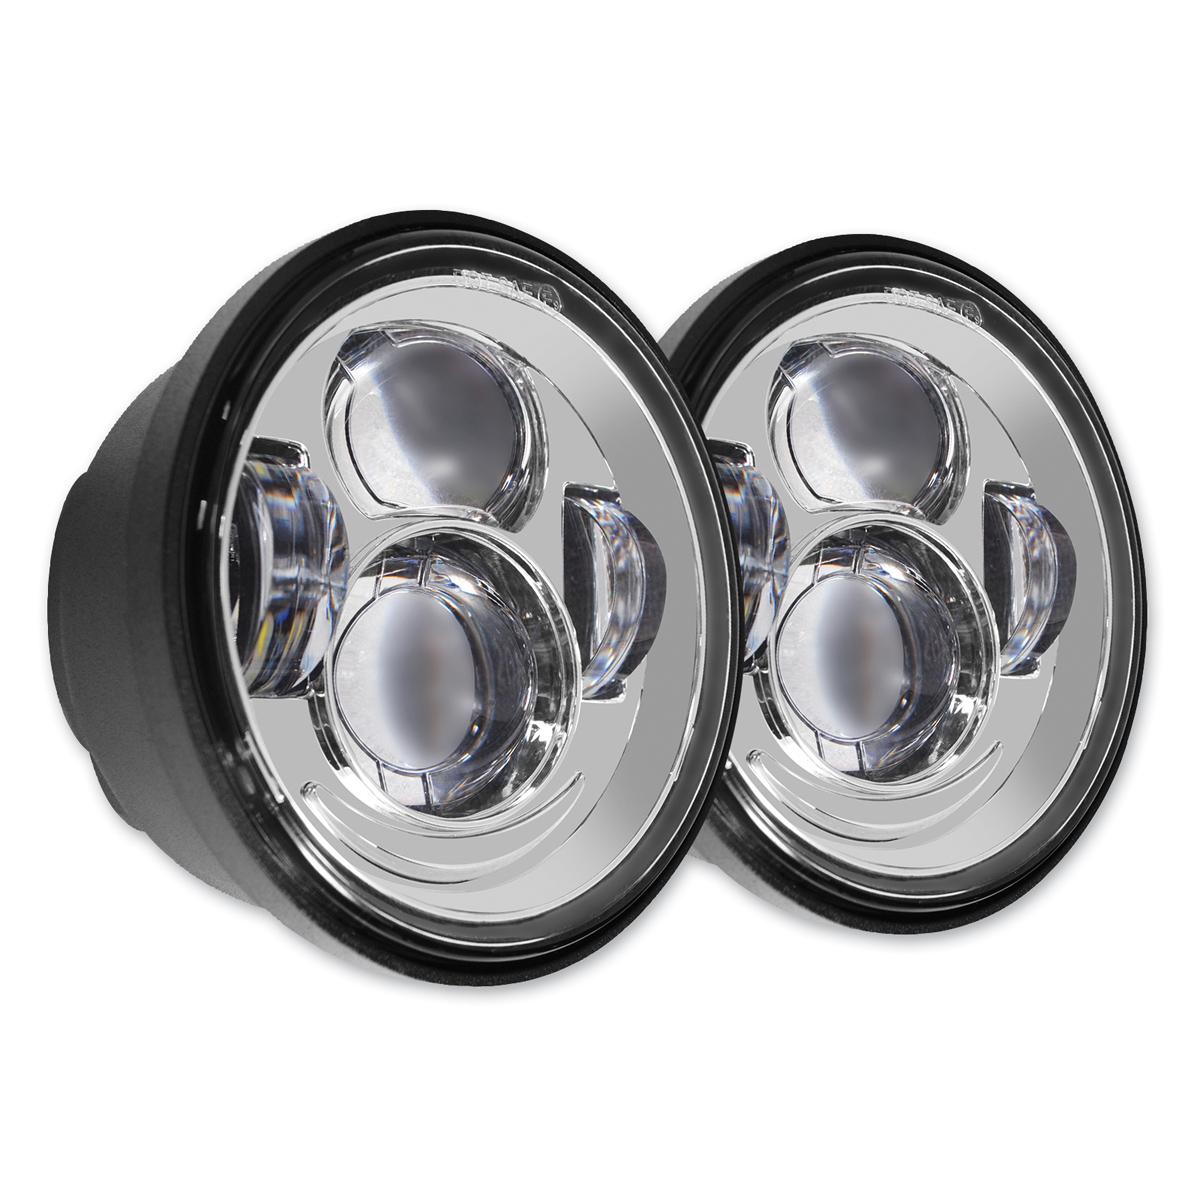 HogWorkz LED Chrome Headlight